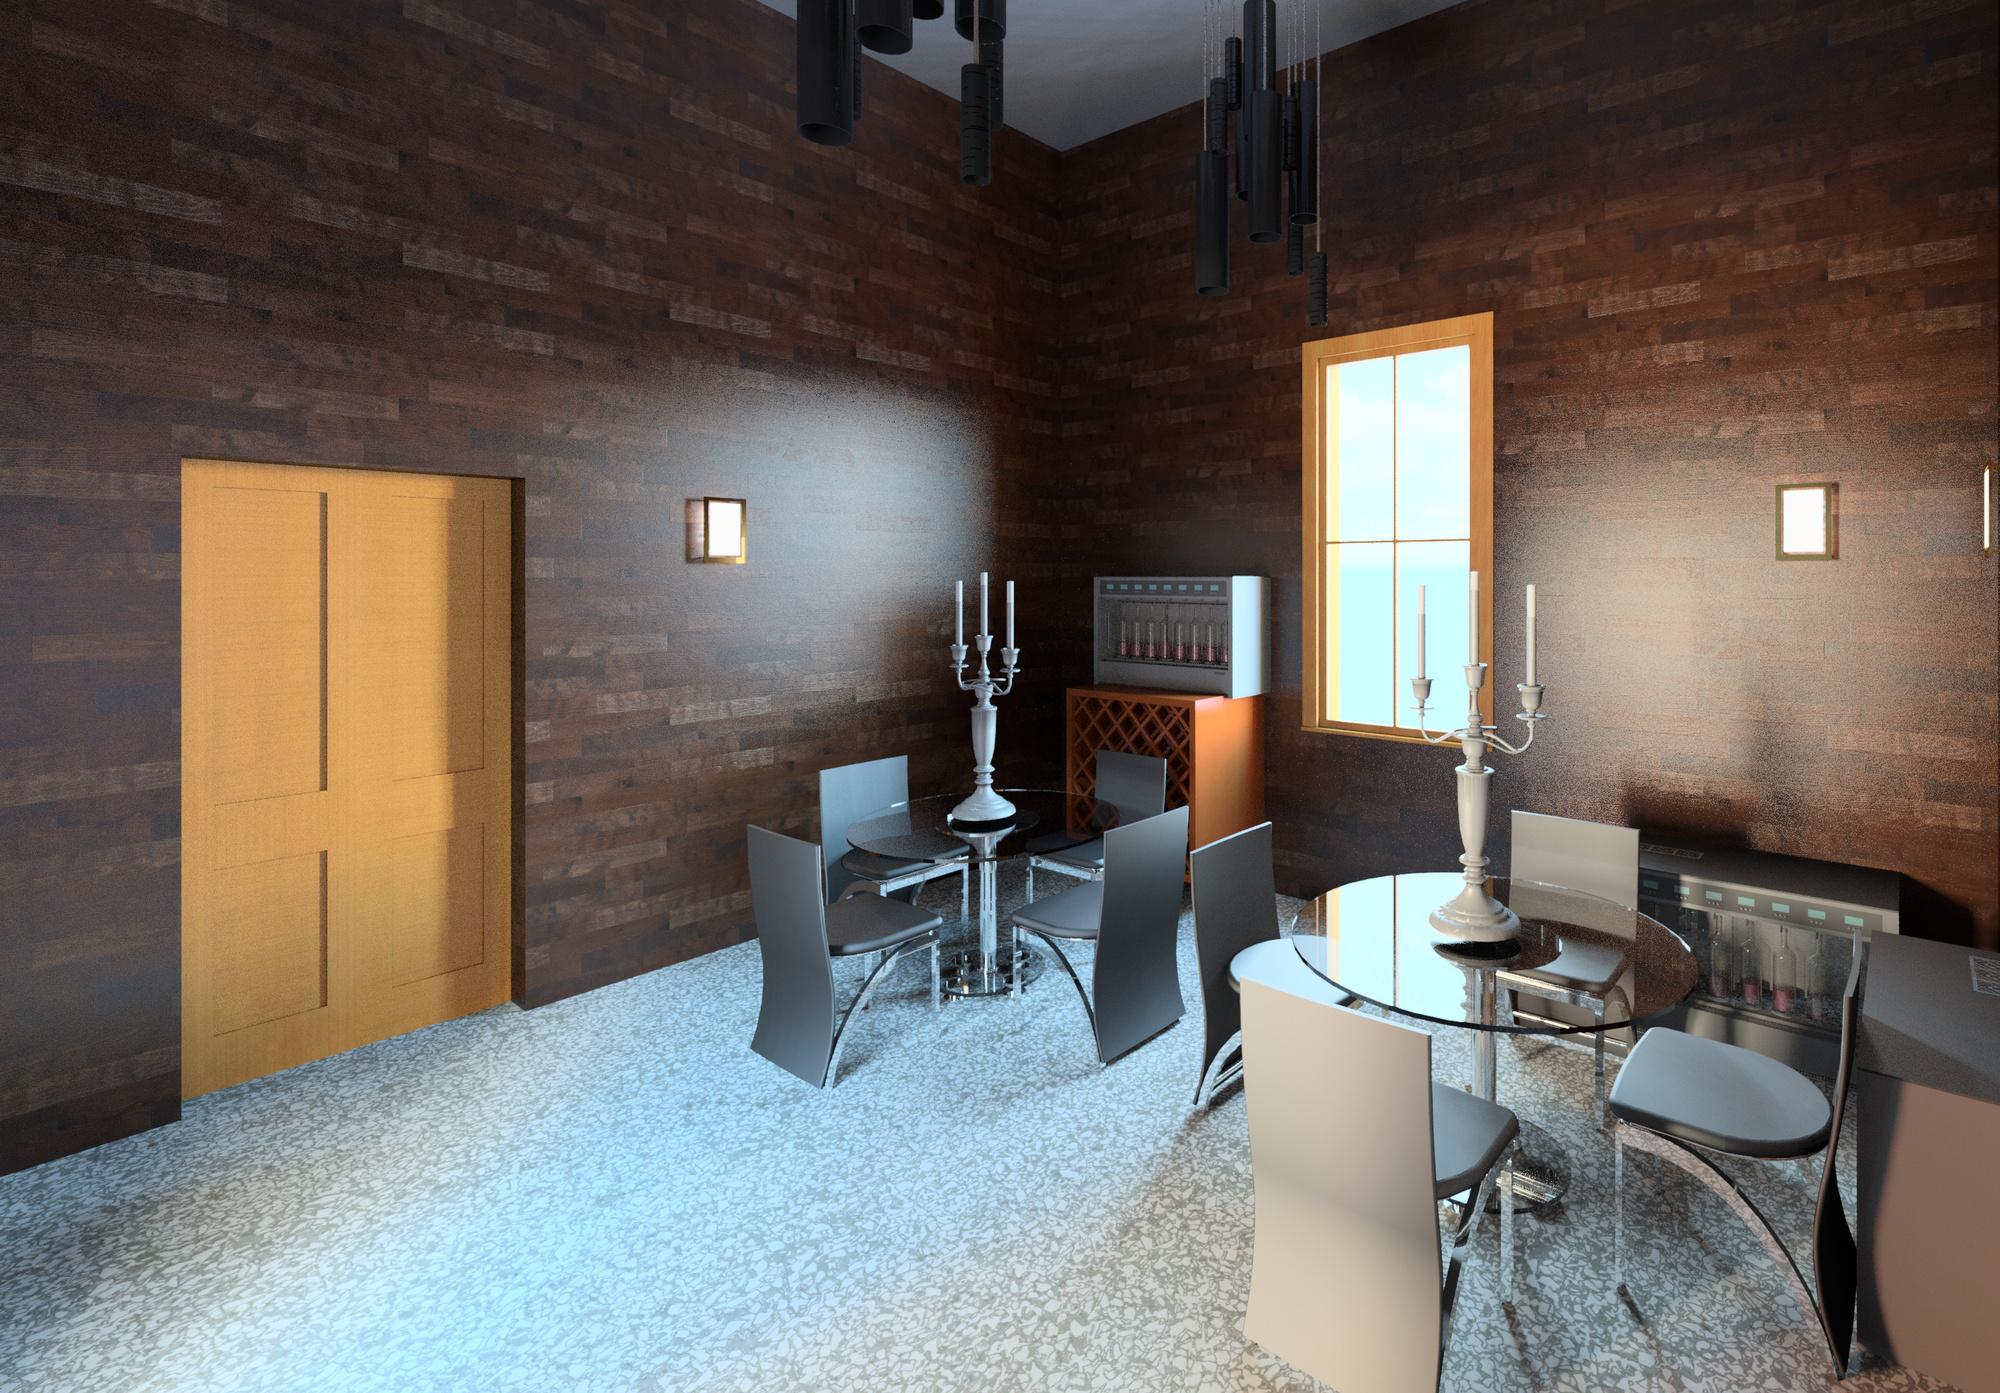 Raas-rendering20150209-29743-n381dq